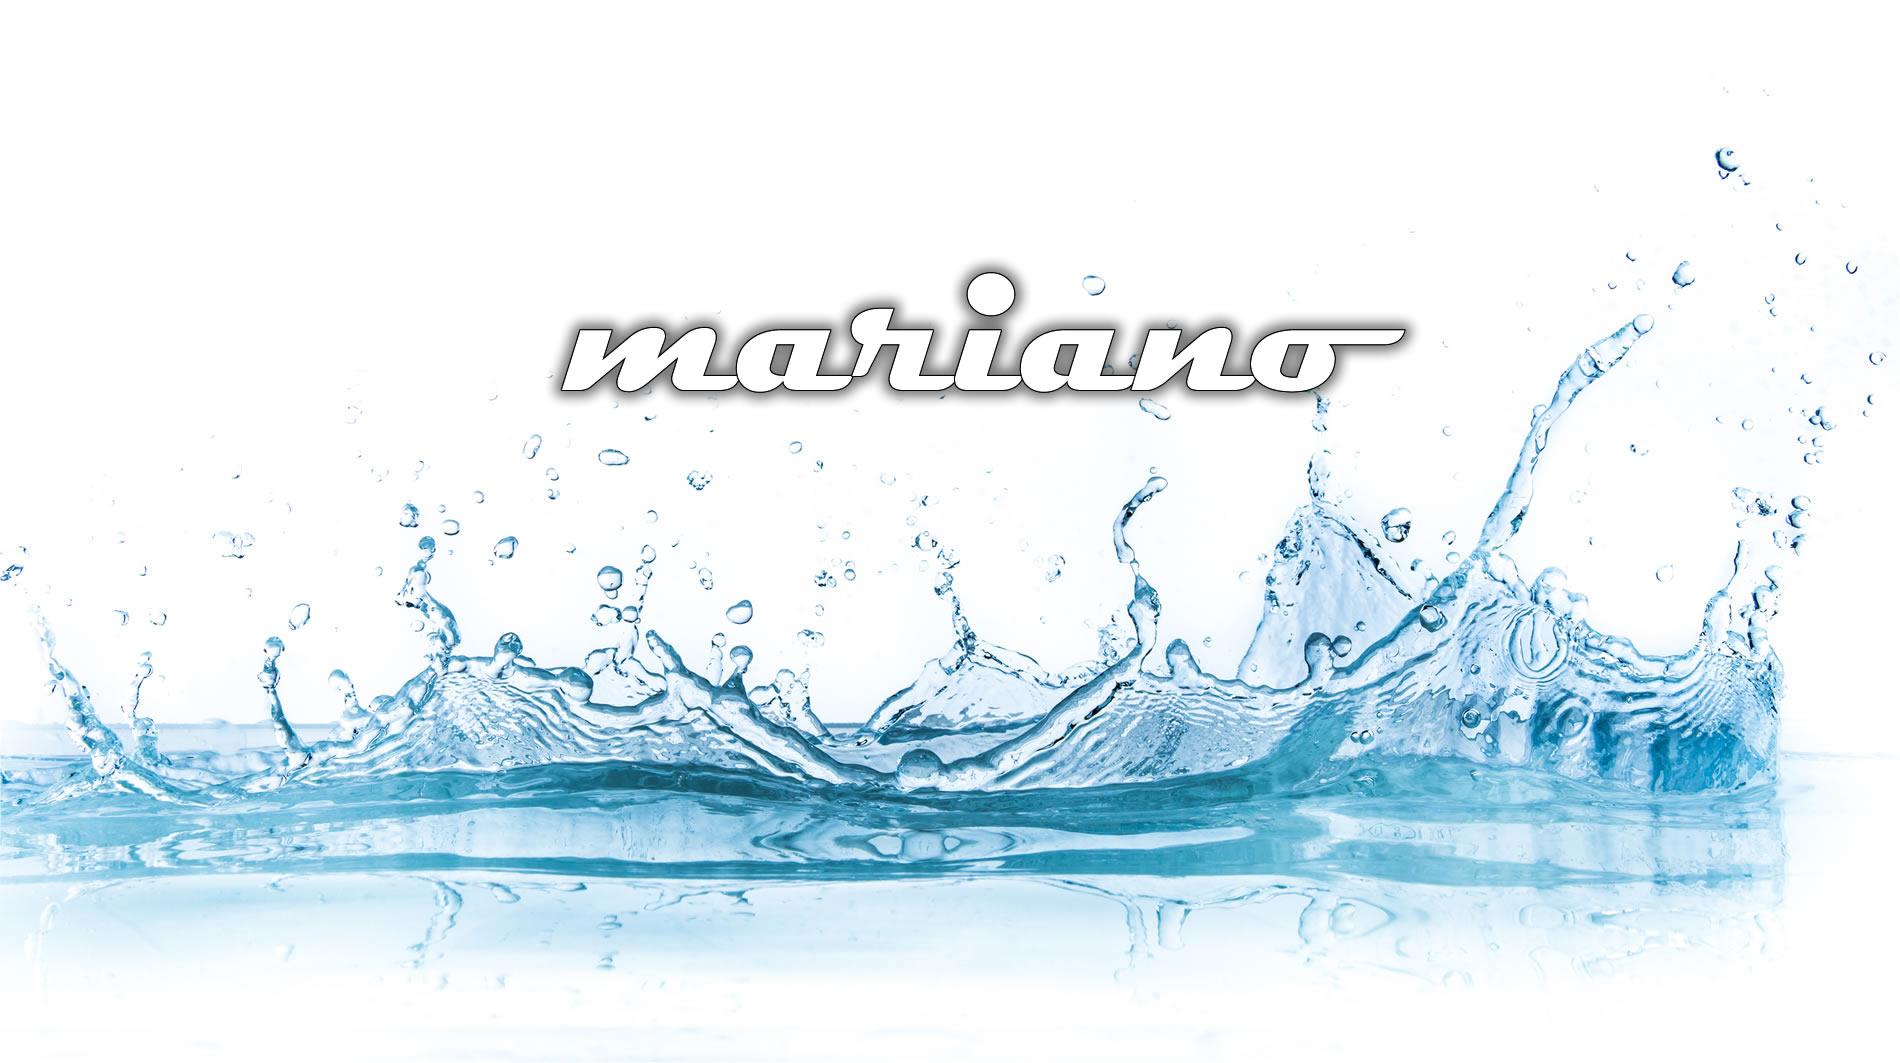 Mariano snc